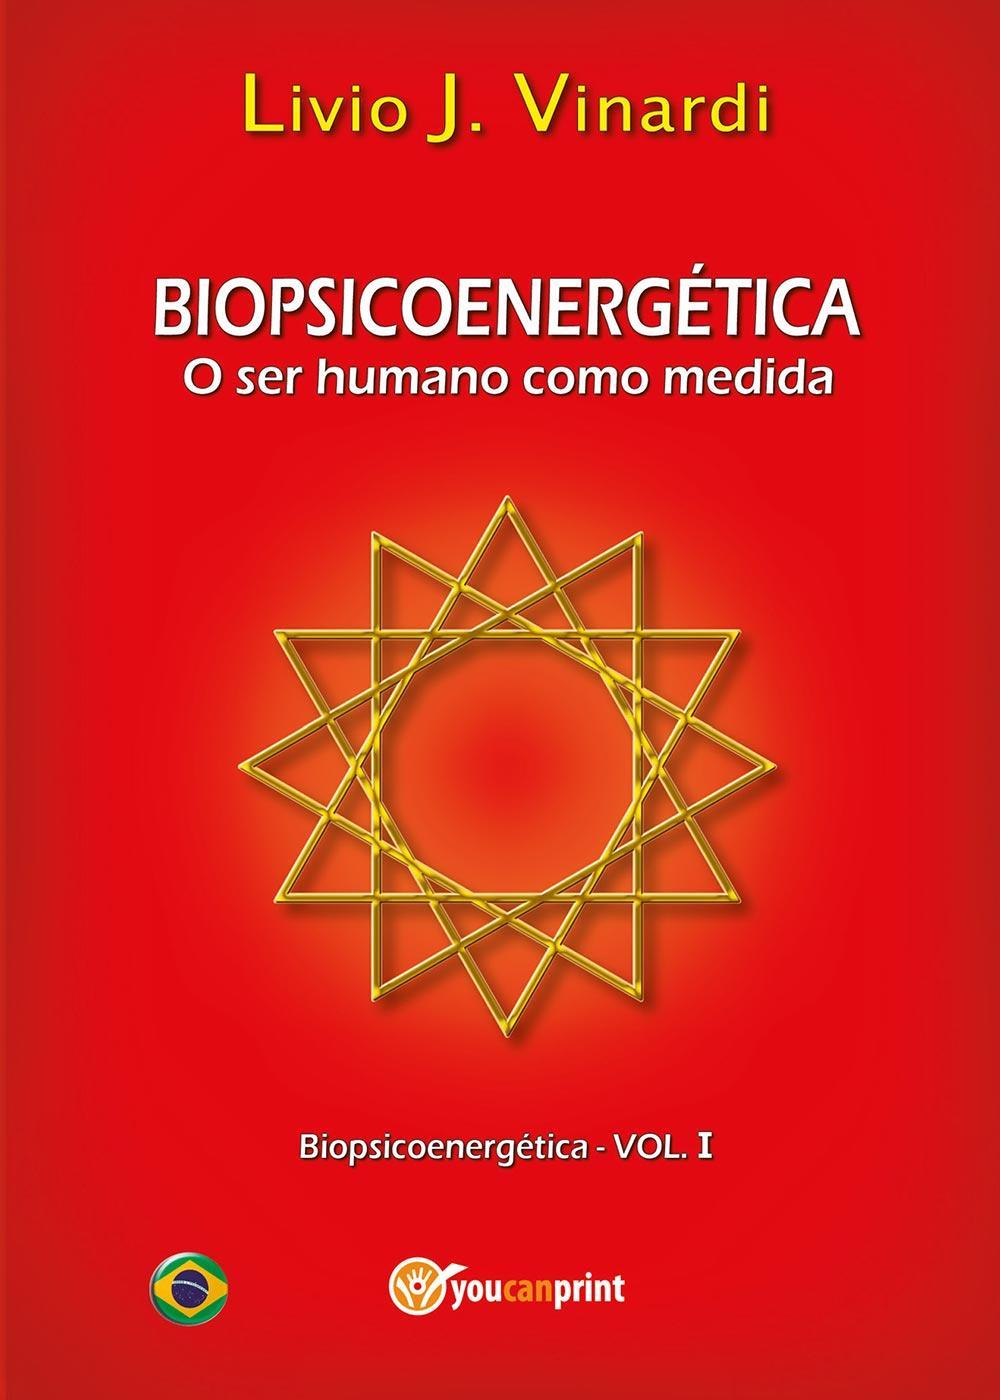 BIOPSICOENERGÉTICA - O ser humano como medida